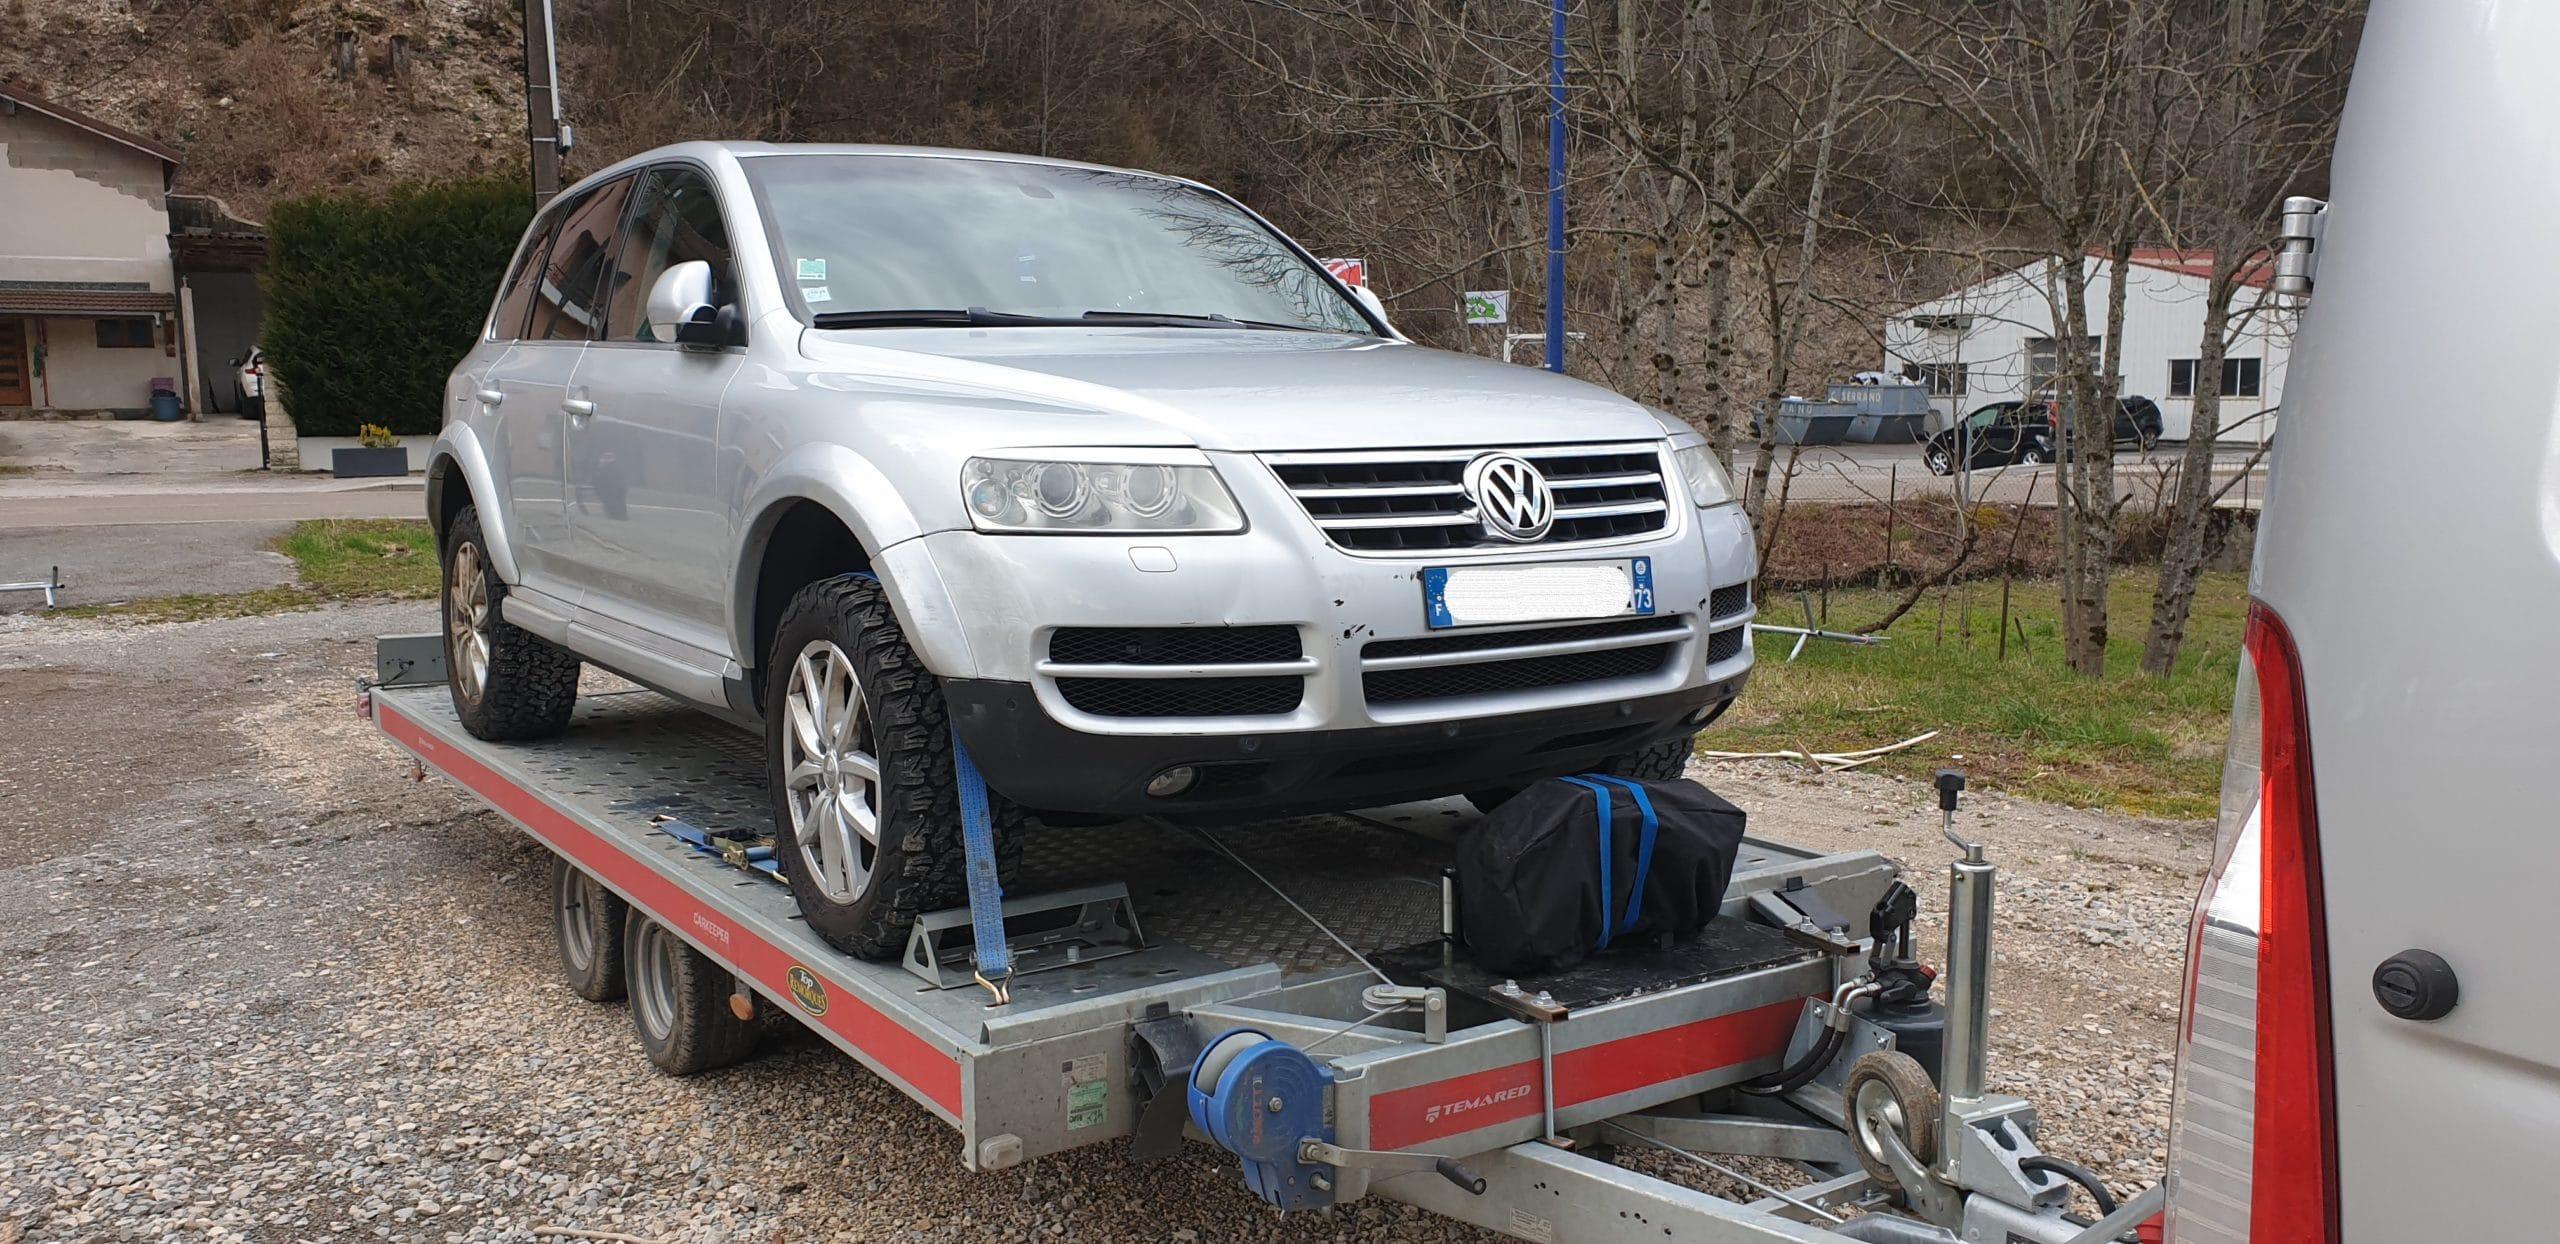 Tranport VW Touareg